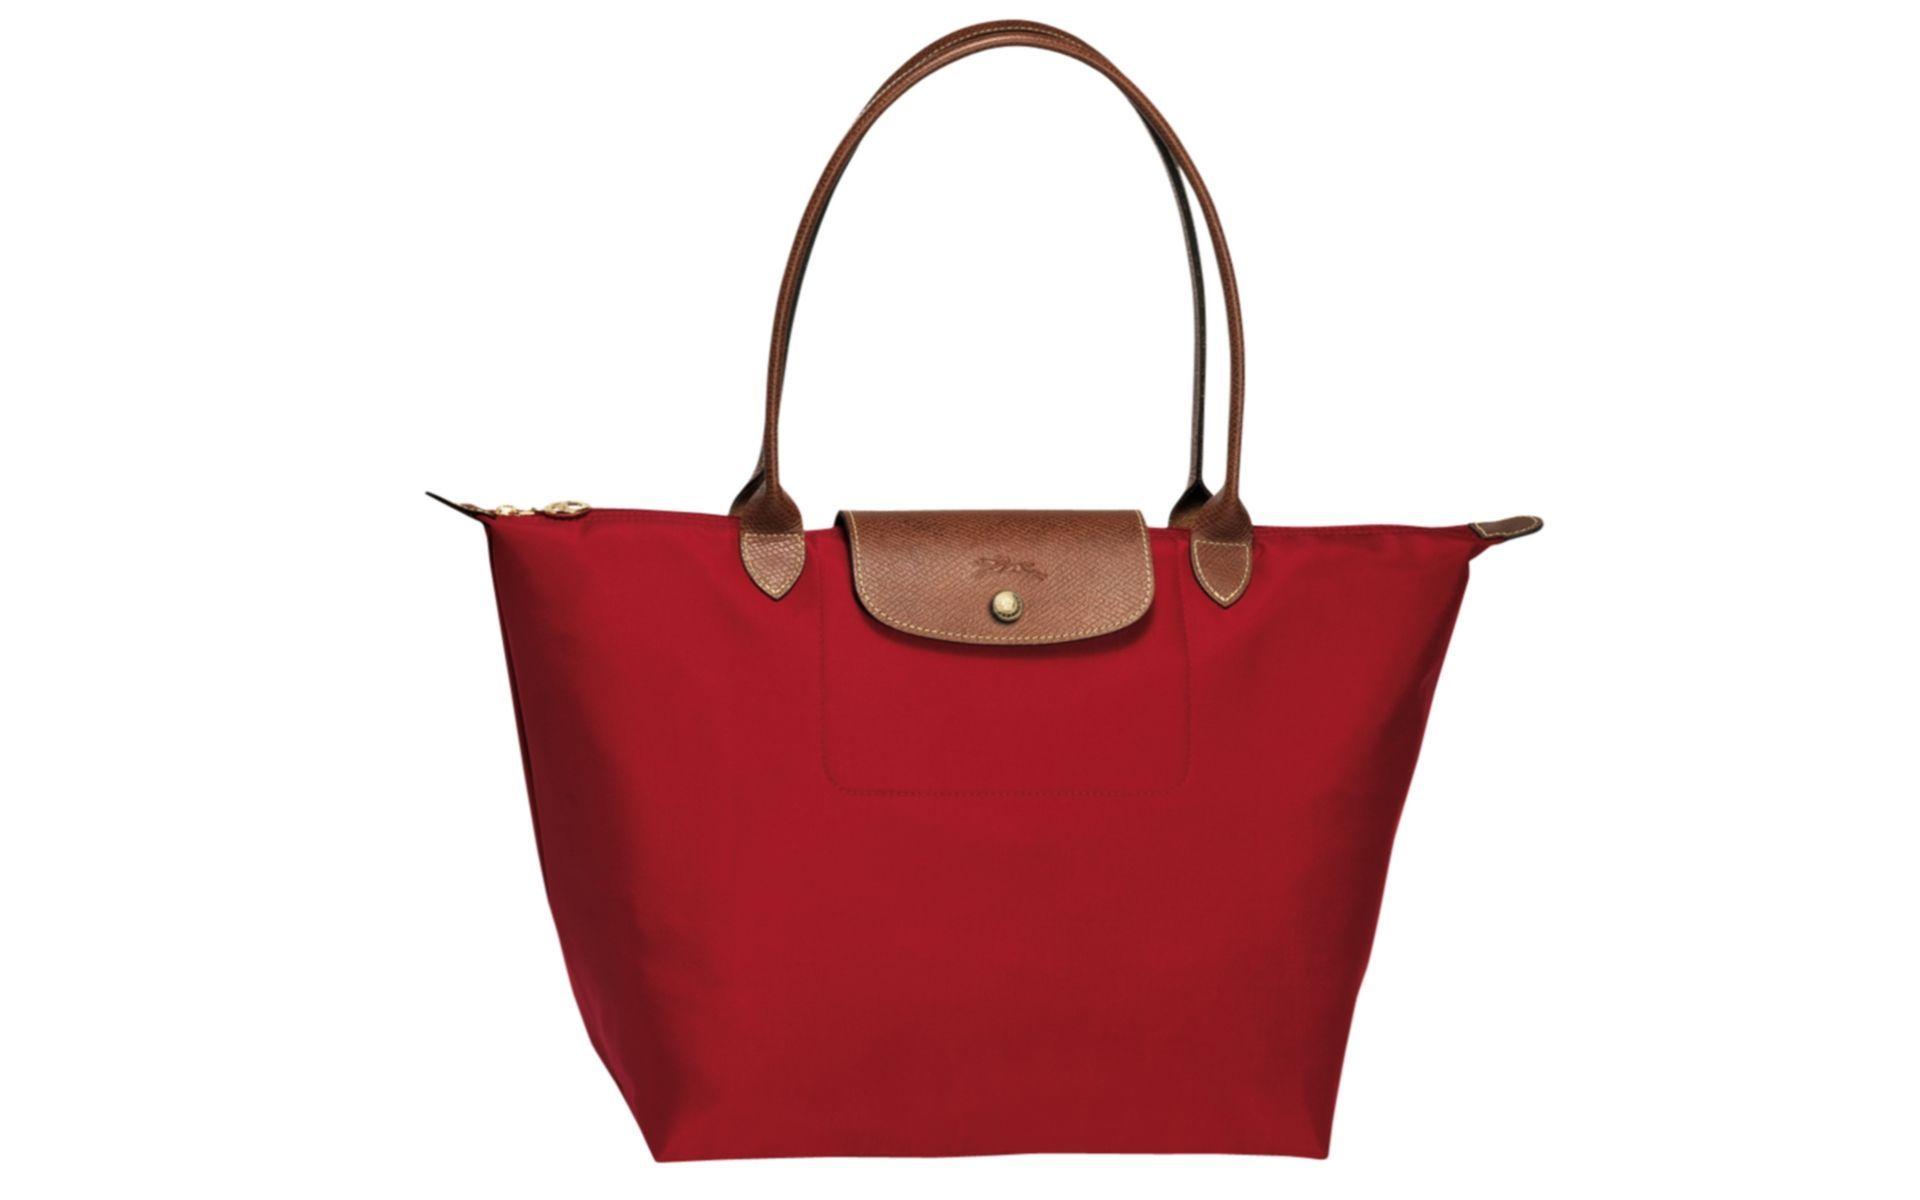 Photo: Longchamp